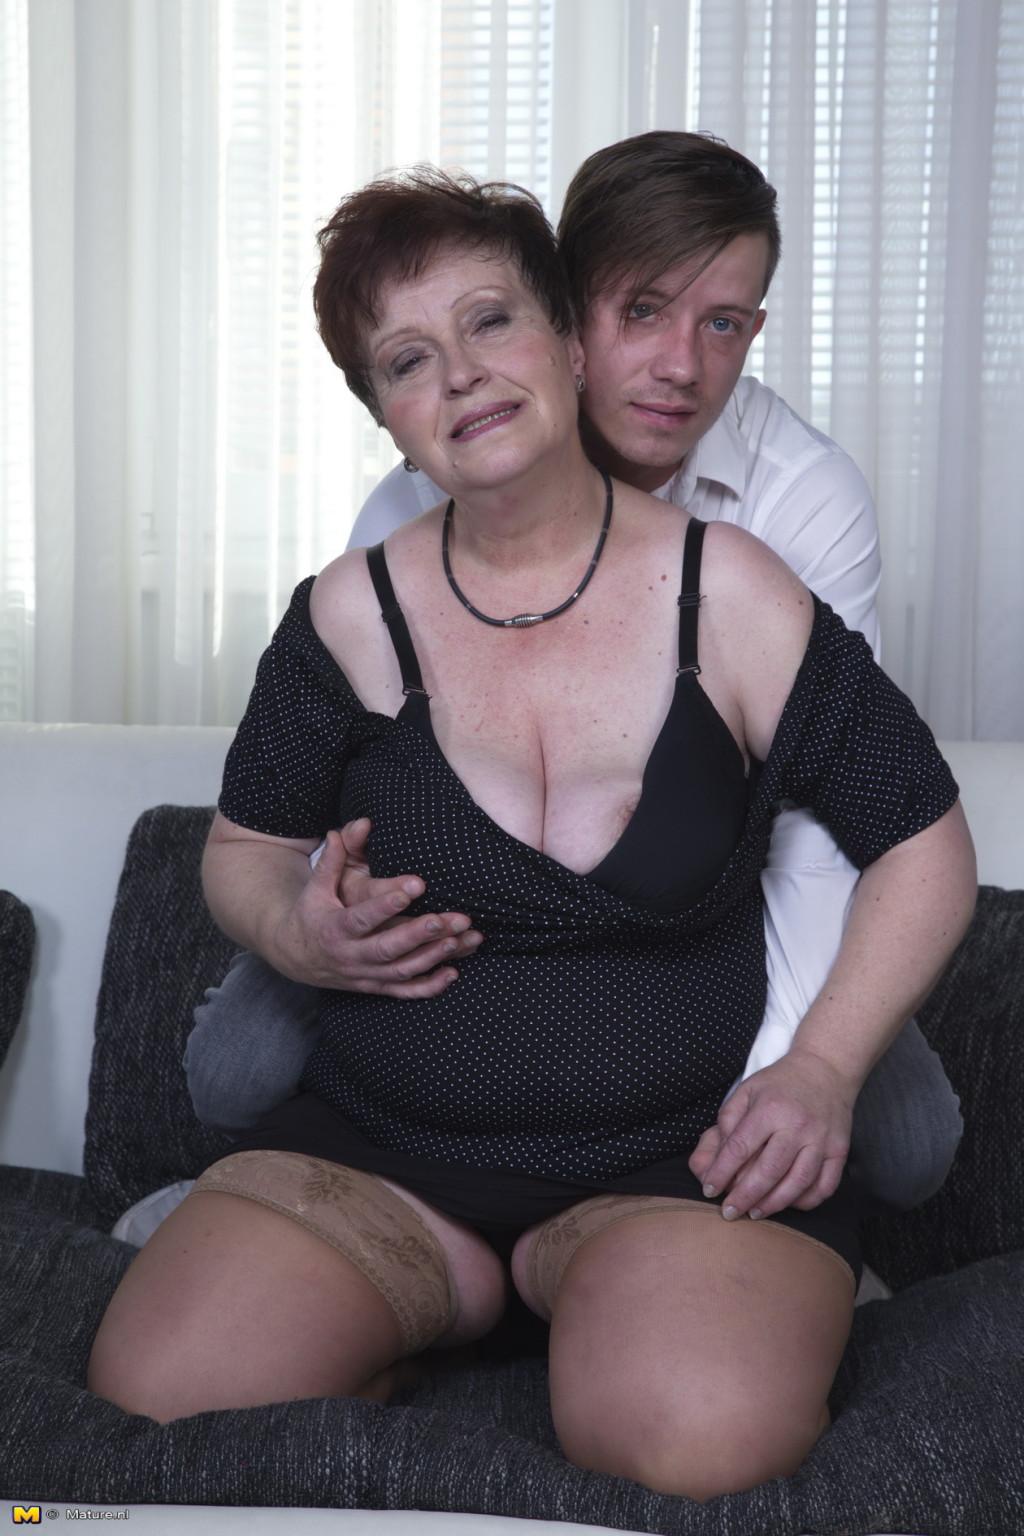 Nl Mature Tube granny porn nl | 🥇mature nl. 2020-02-20